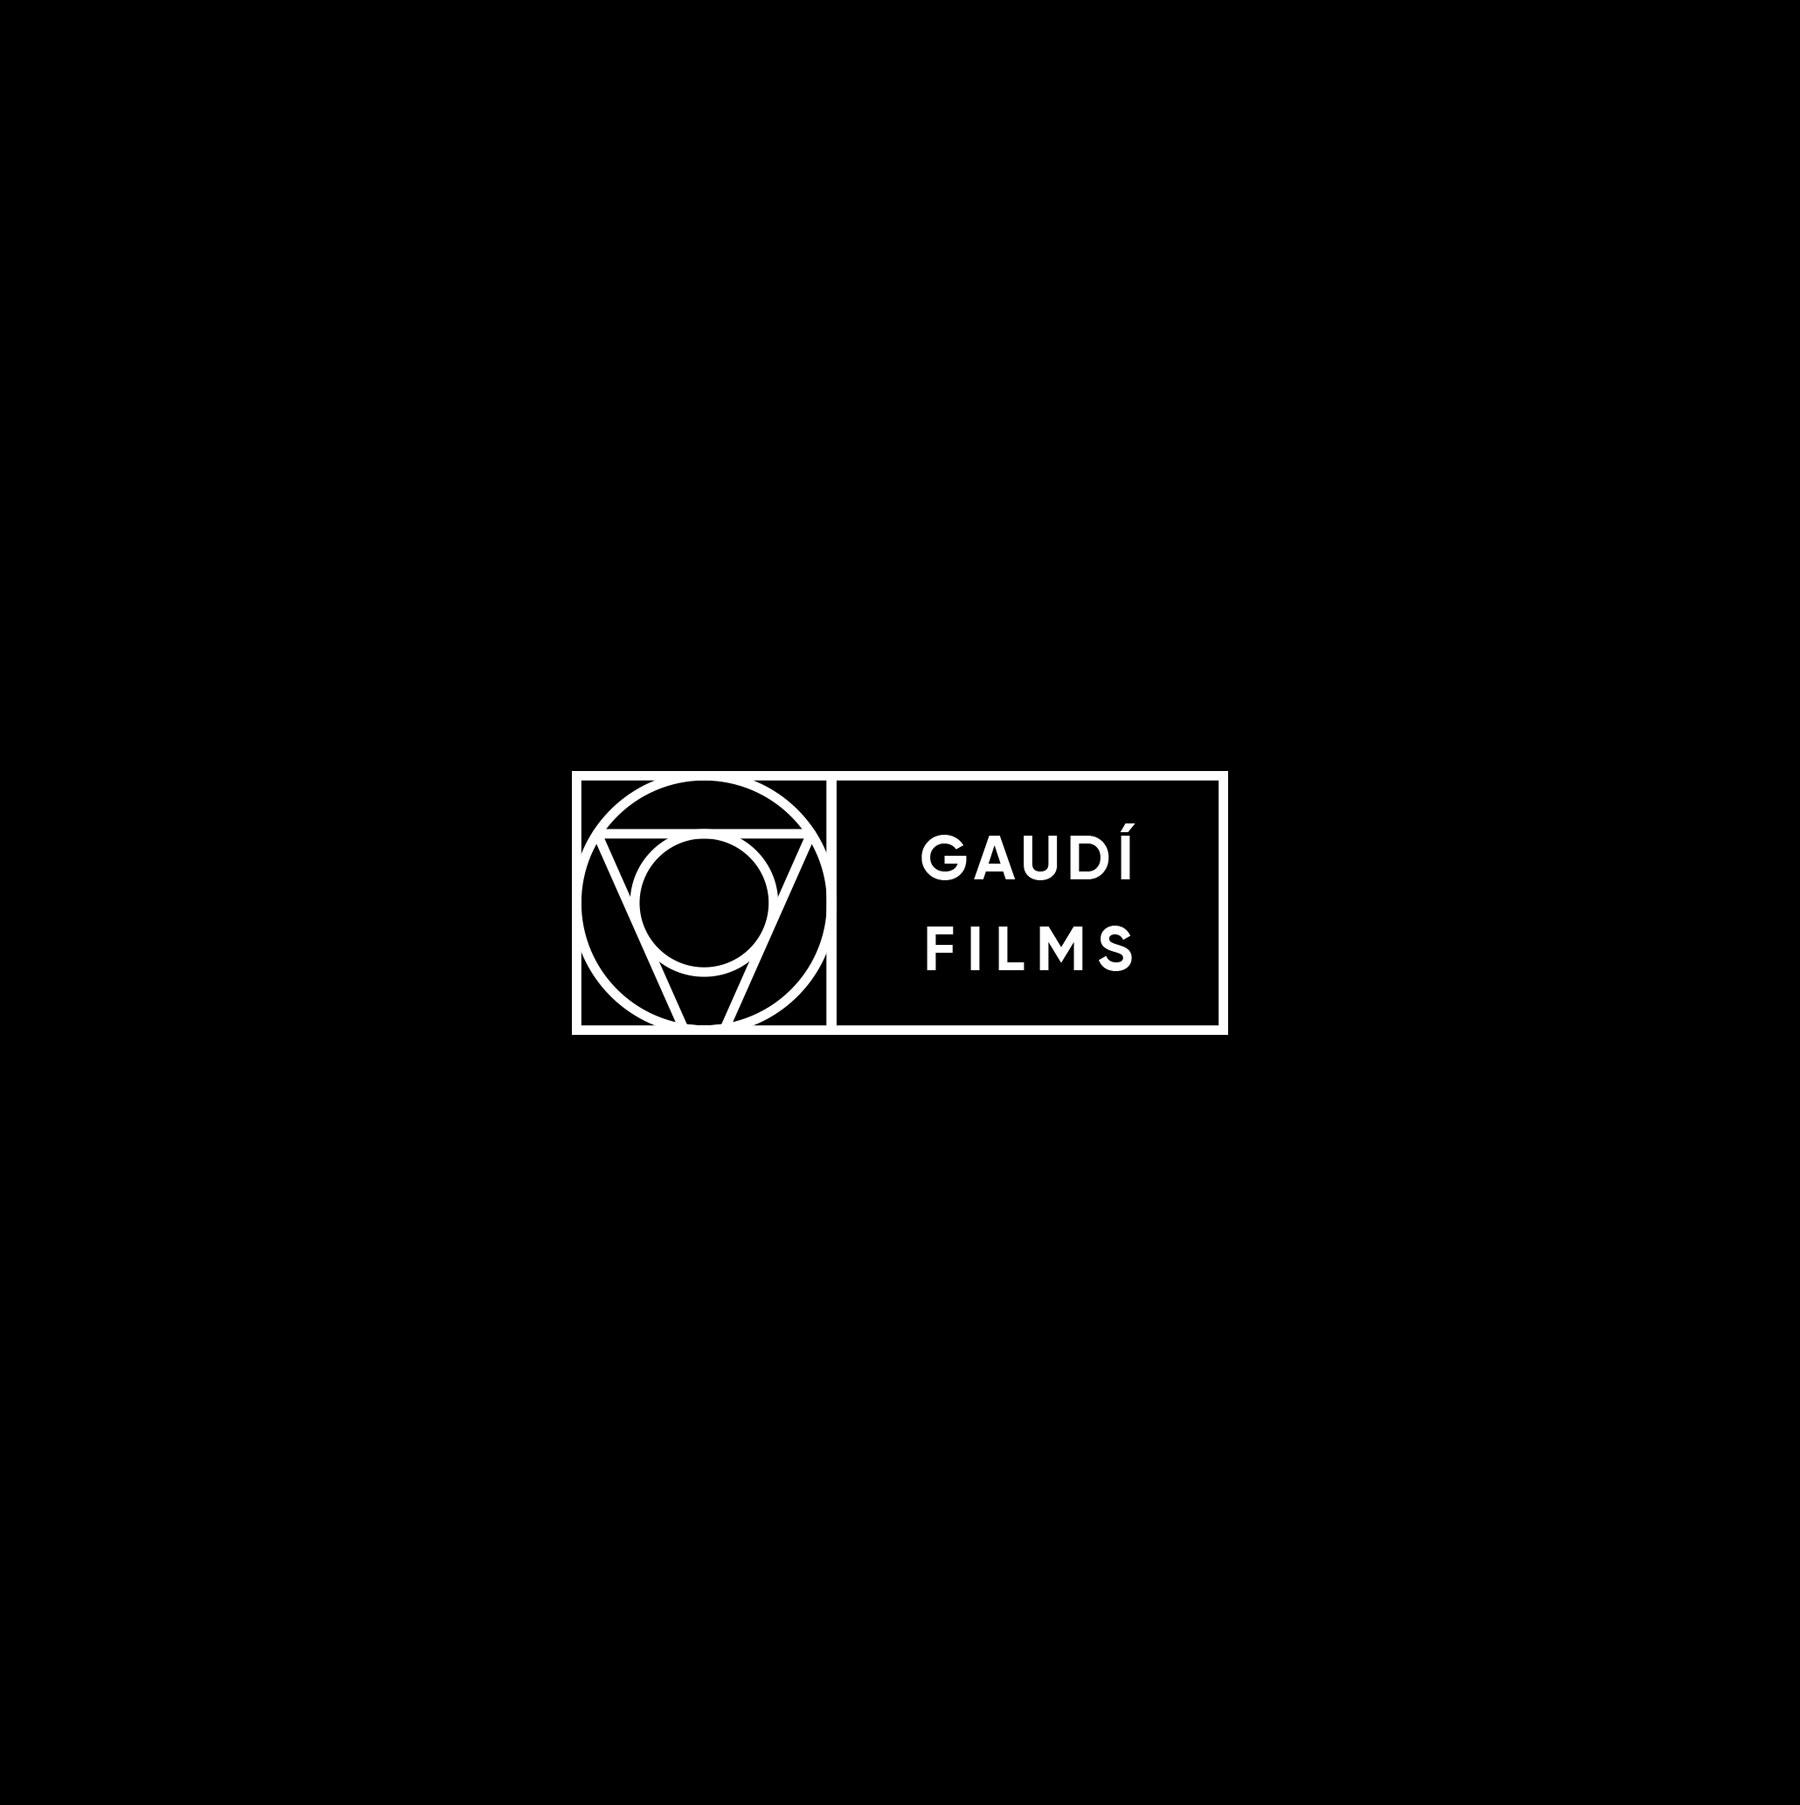 logotipo-gaudi-films